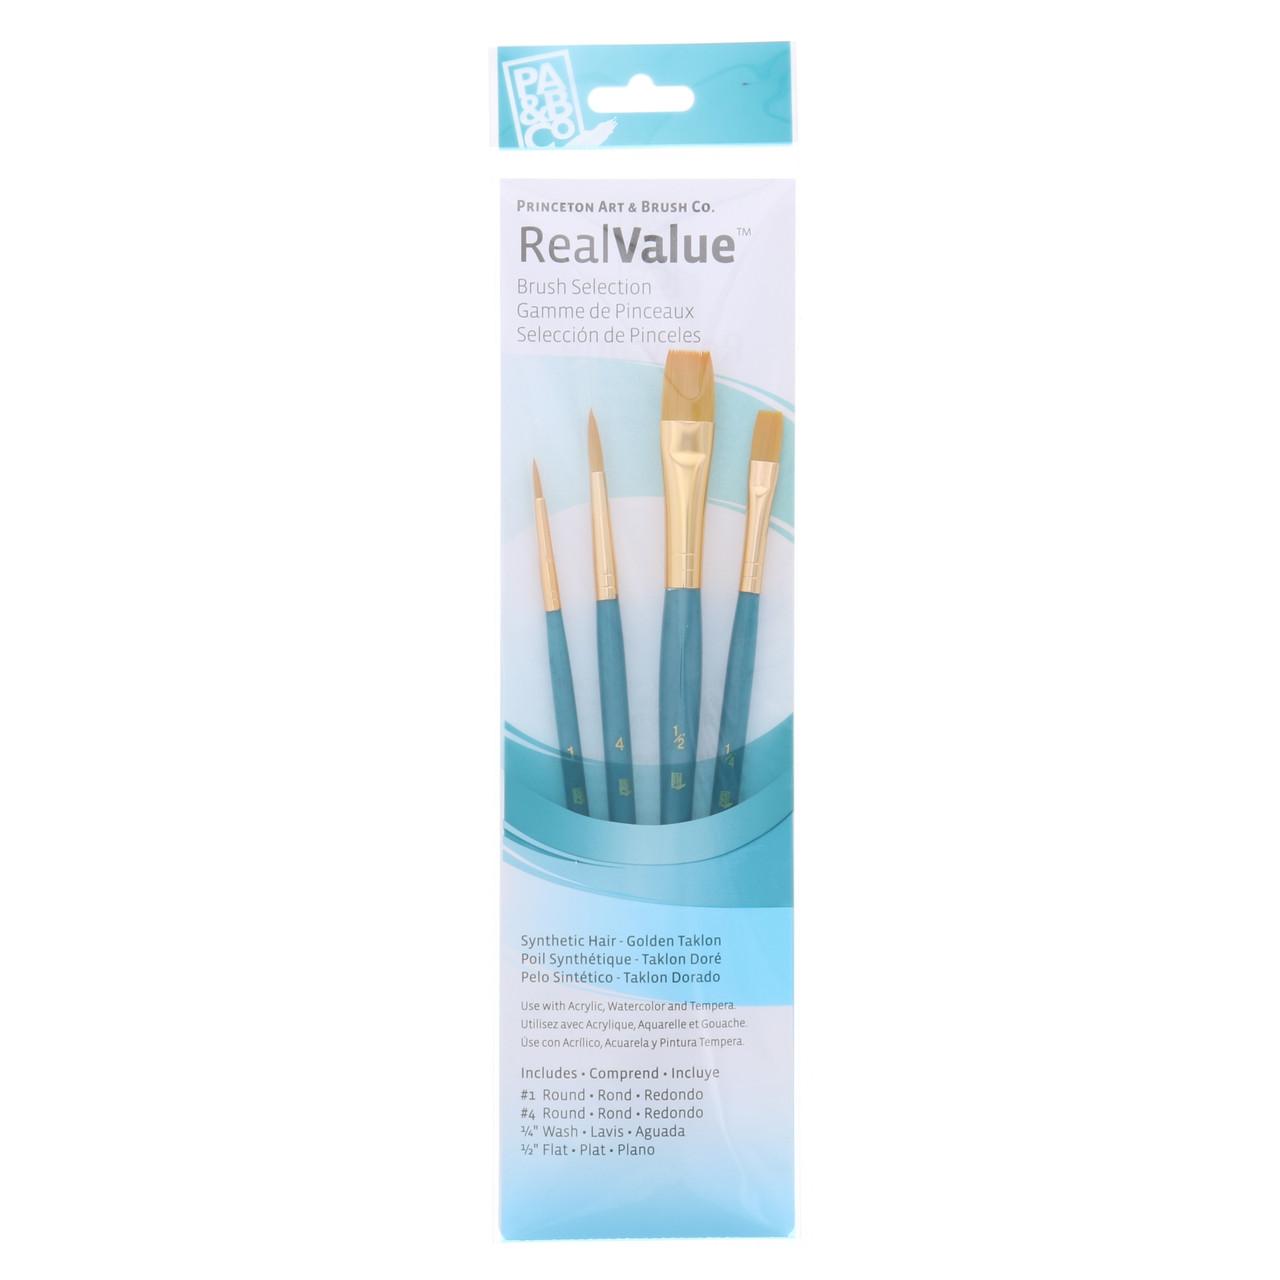 Synthetic Golden Taklon 4-Brush Set Round 1, 4, Wash 1/4, Flat 1/2